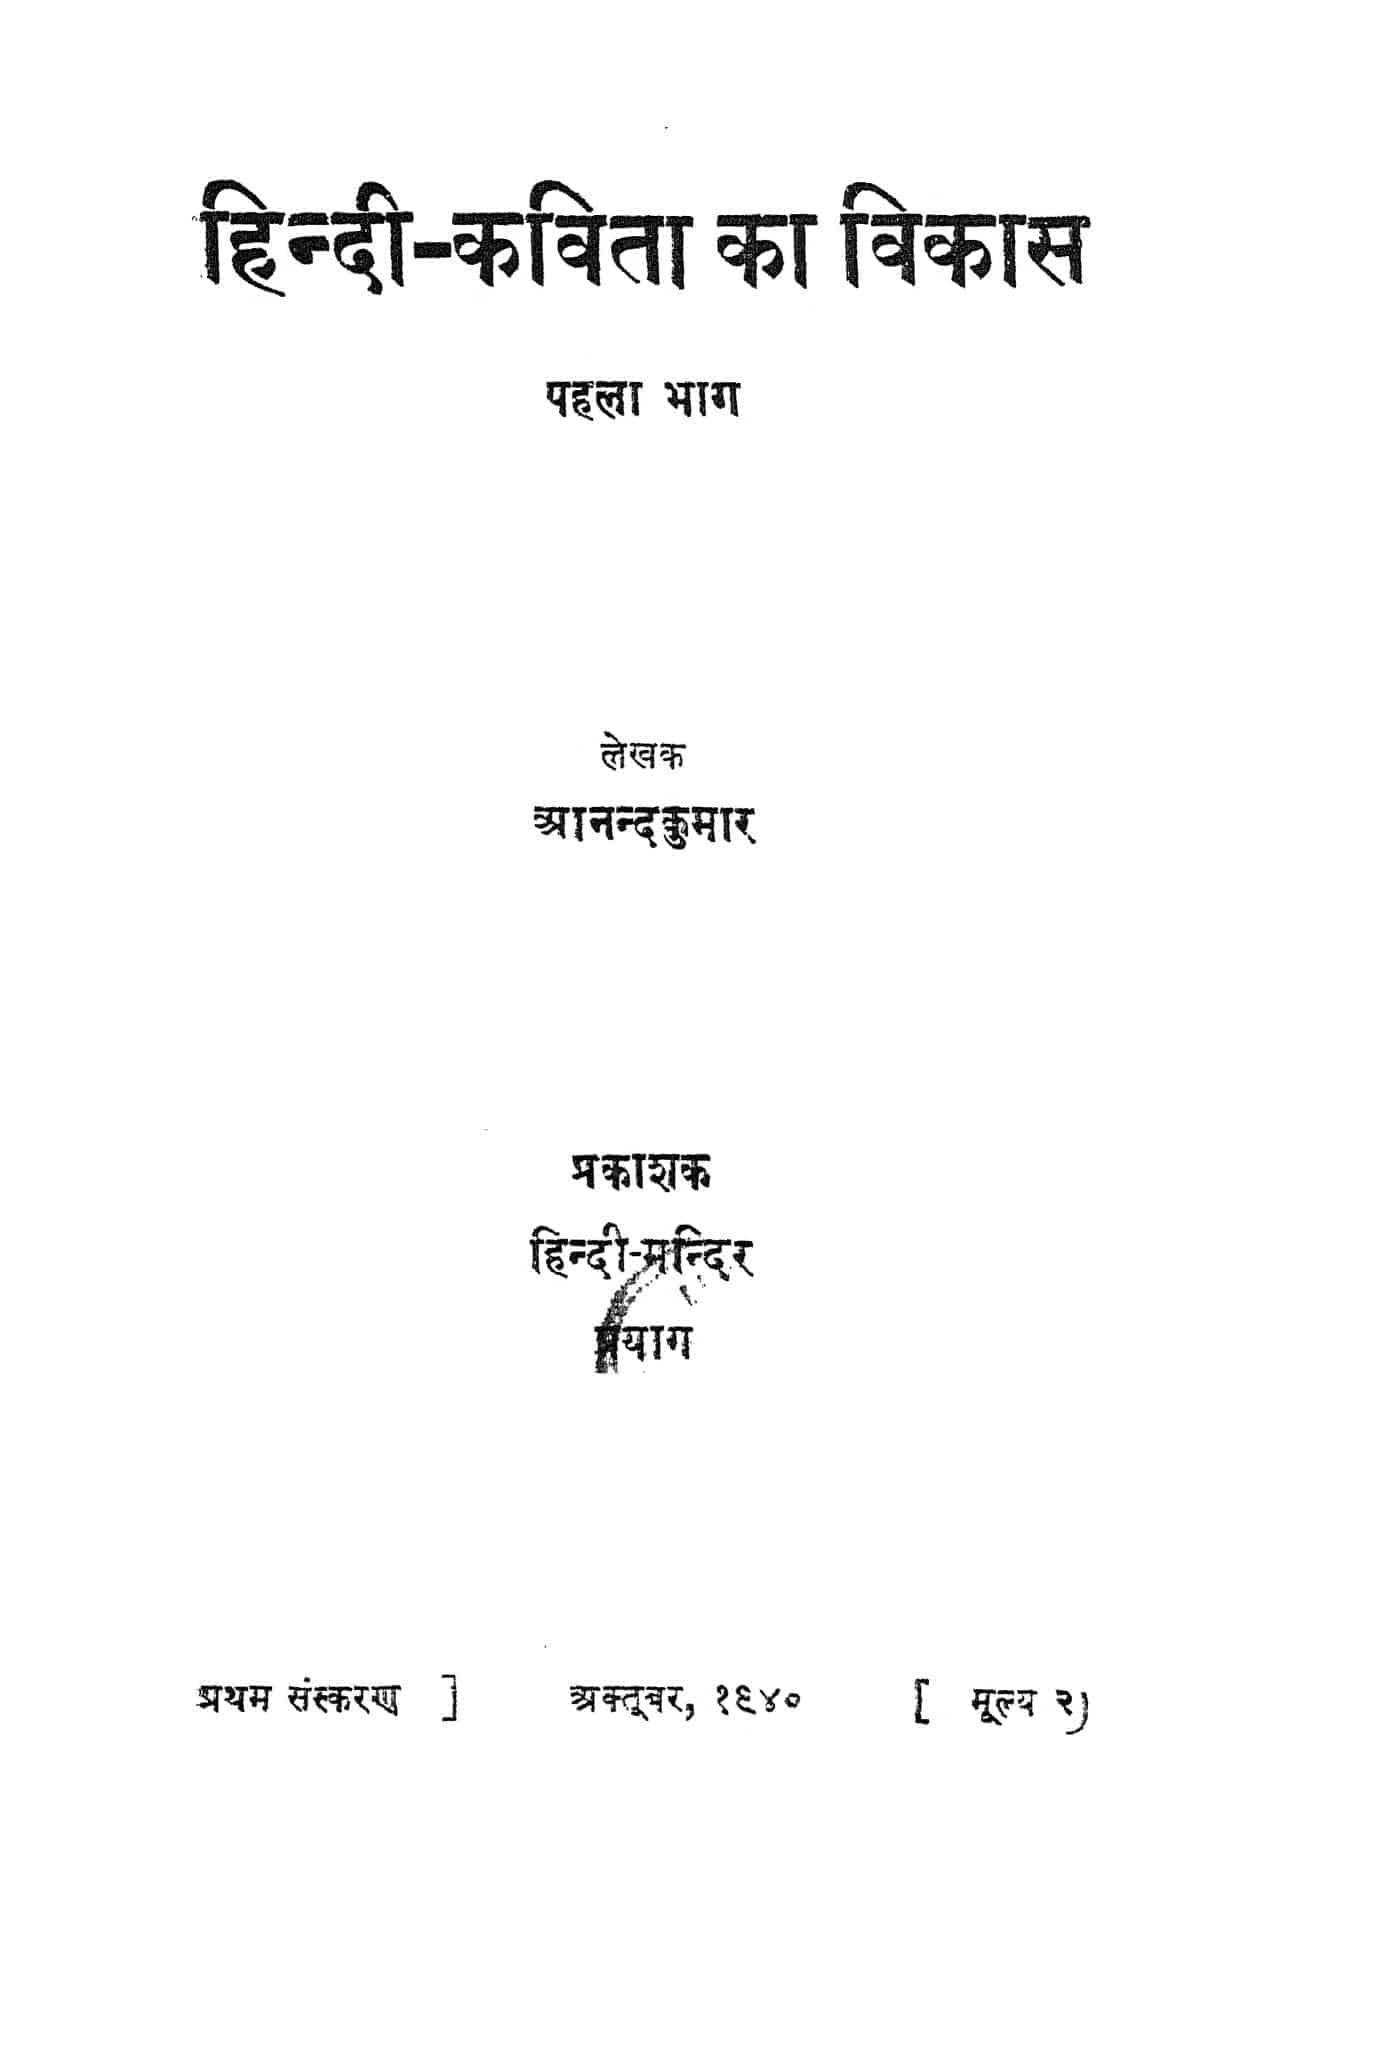 Hindi-Kavita Ka Vikas Pehla Bhaag by आनन्दकुमार - Anandkumar